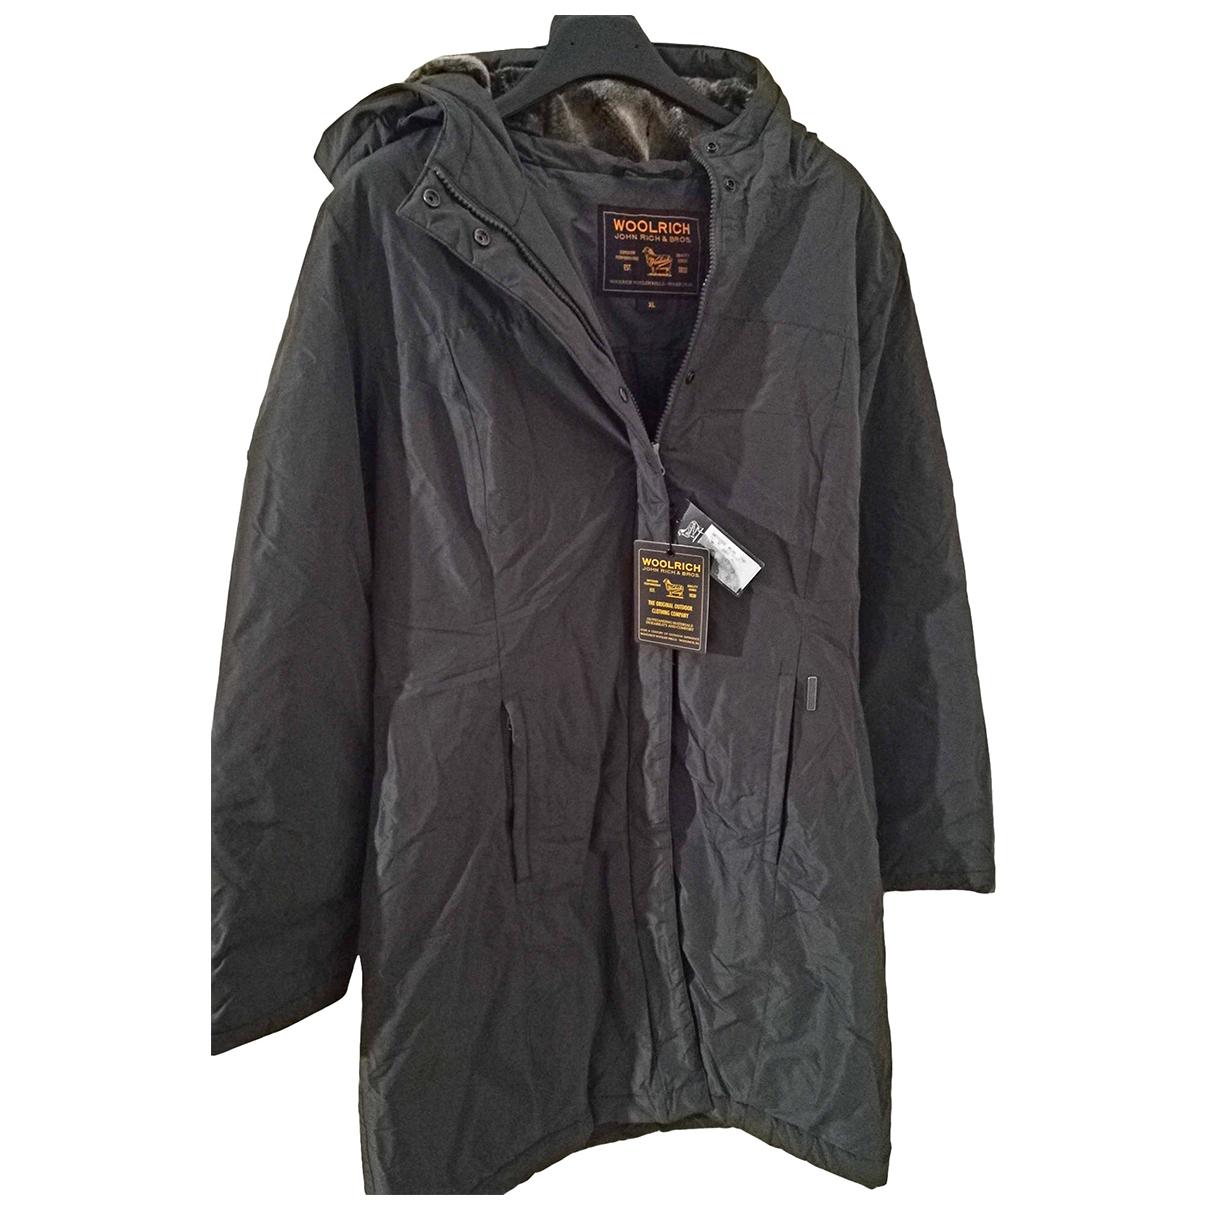 Woolrich - Manteau   pour femme - gris